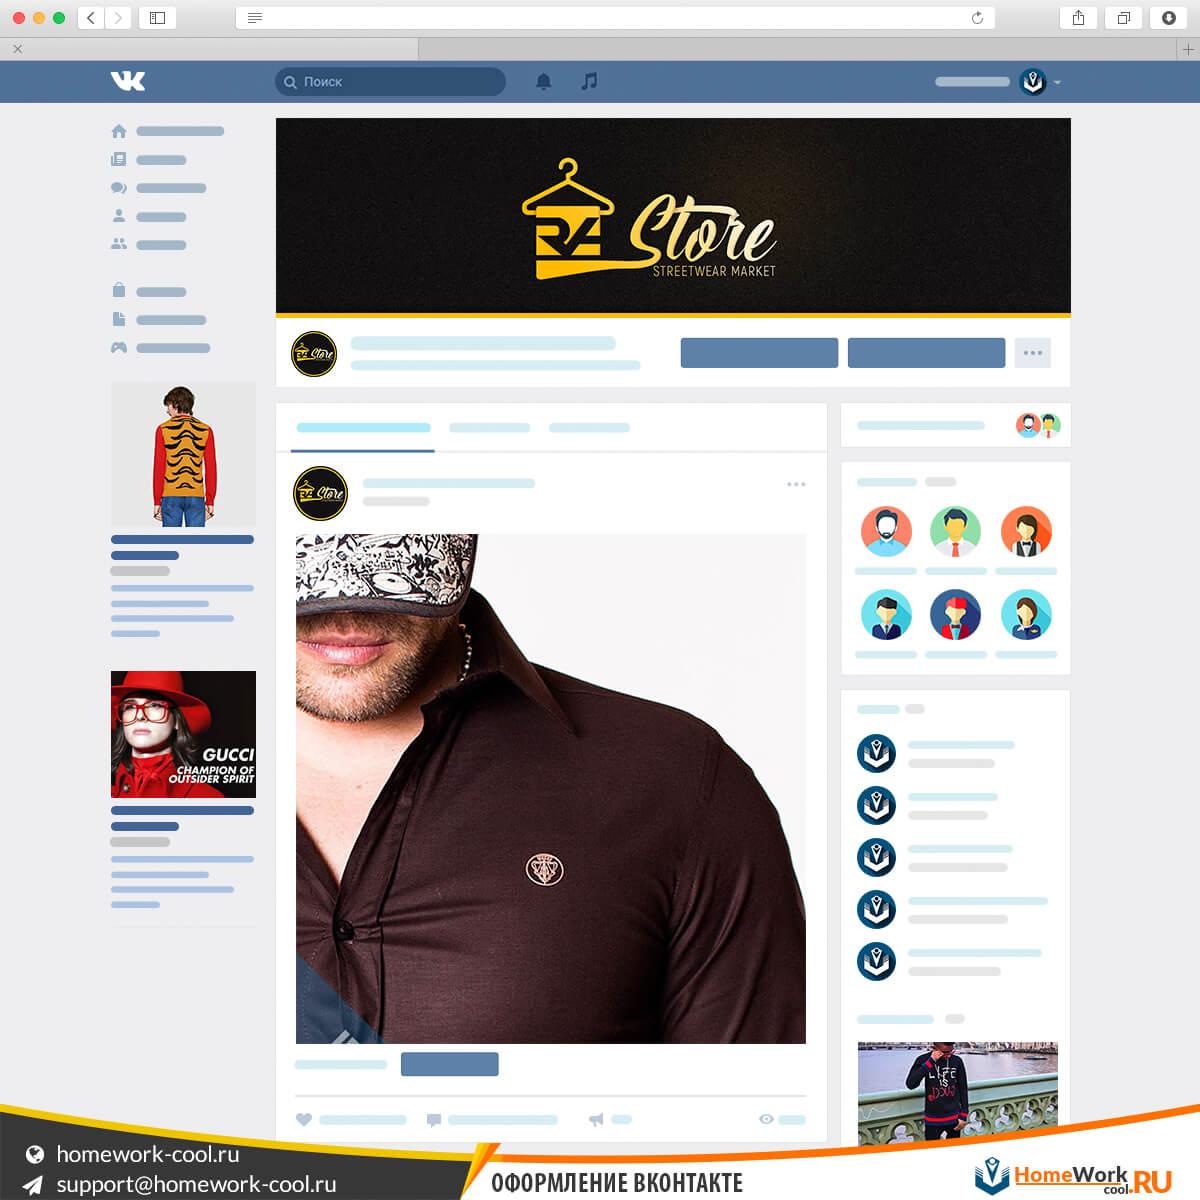 Разработка логотипа и обложки для группы RaStore